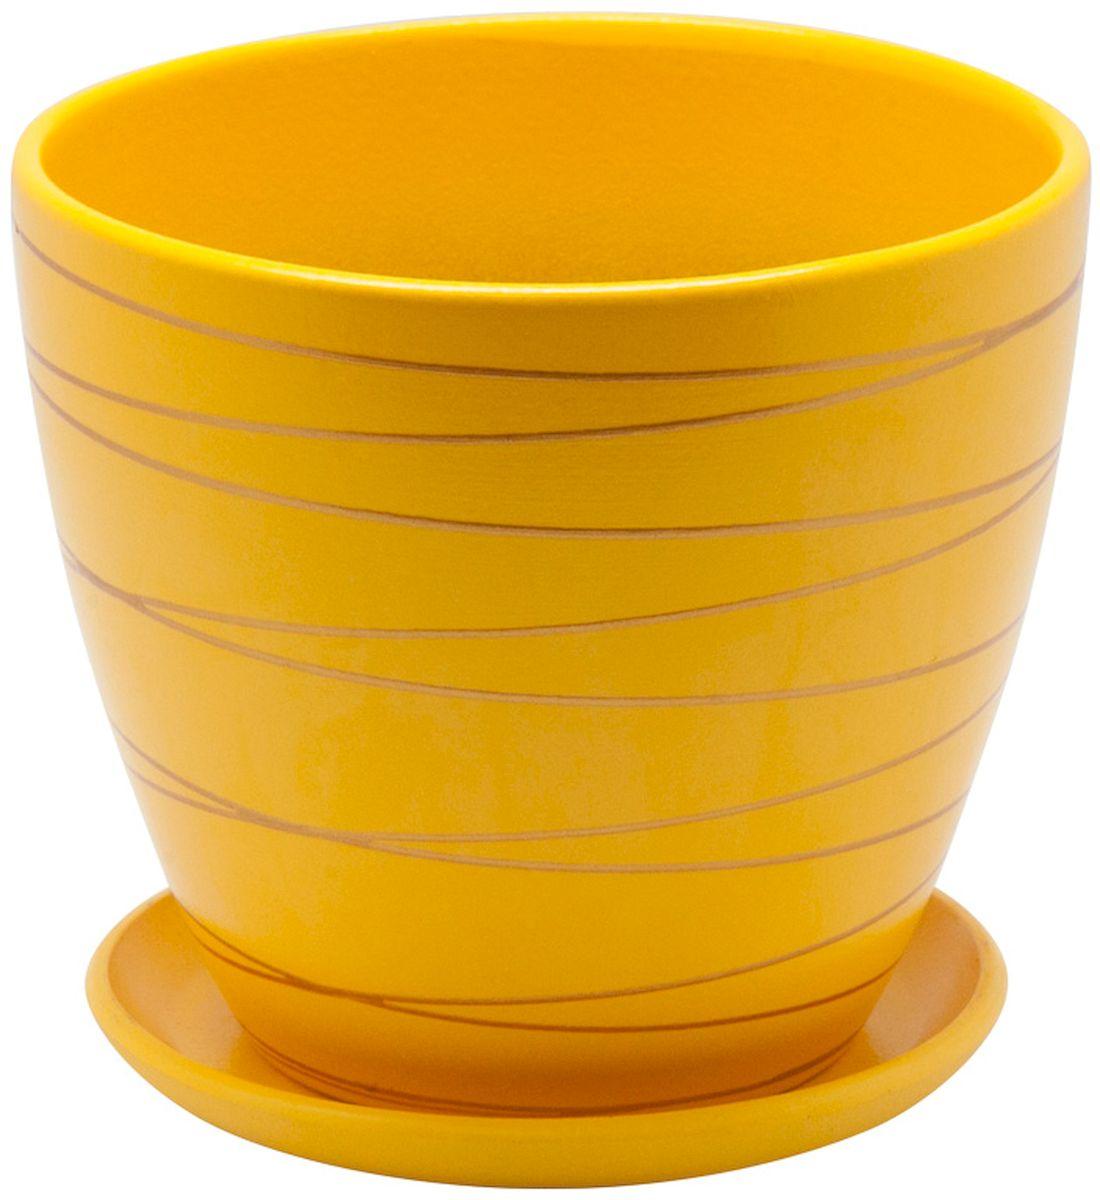 Горшок цветочный Engard, с поддоном, цвет: желтый, 4,7 л. BH-25-319201Керамический горшок - это идеальное решение для выращивания комнатных растений и создания изысканности в интерьере. Керамический горшок сделан из высококачественной глины в классической форме и оригинальном дизайне.